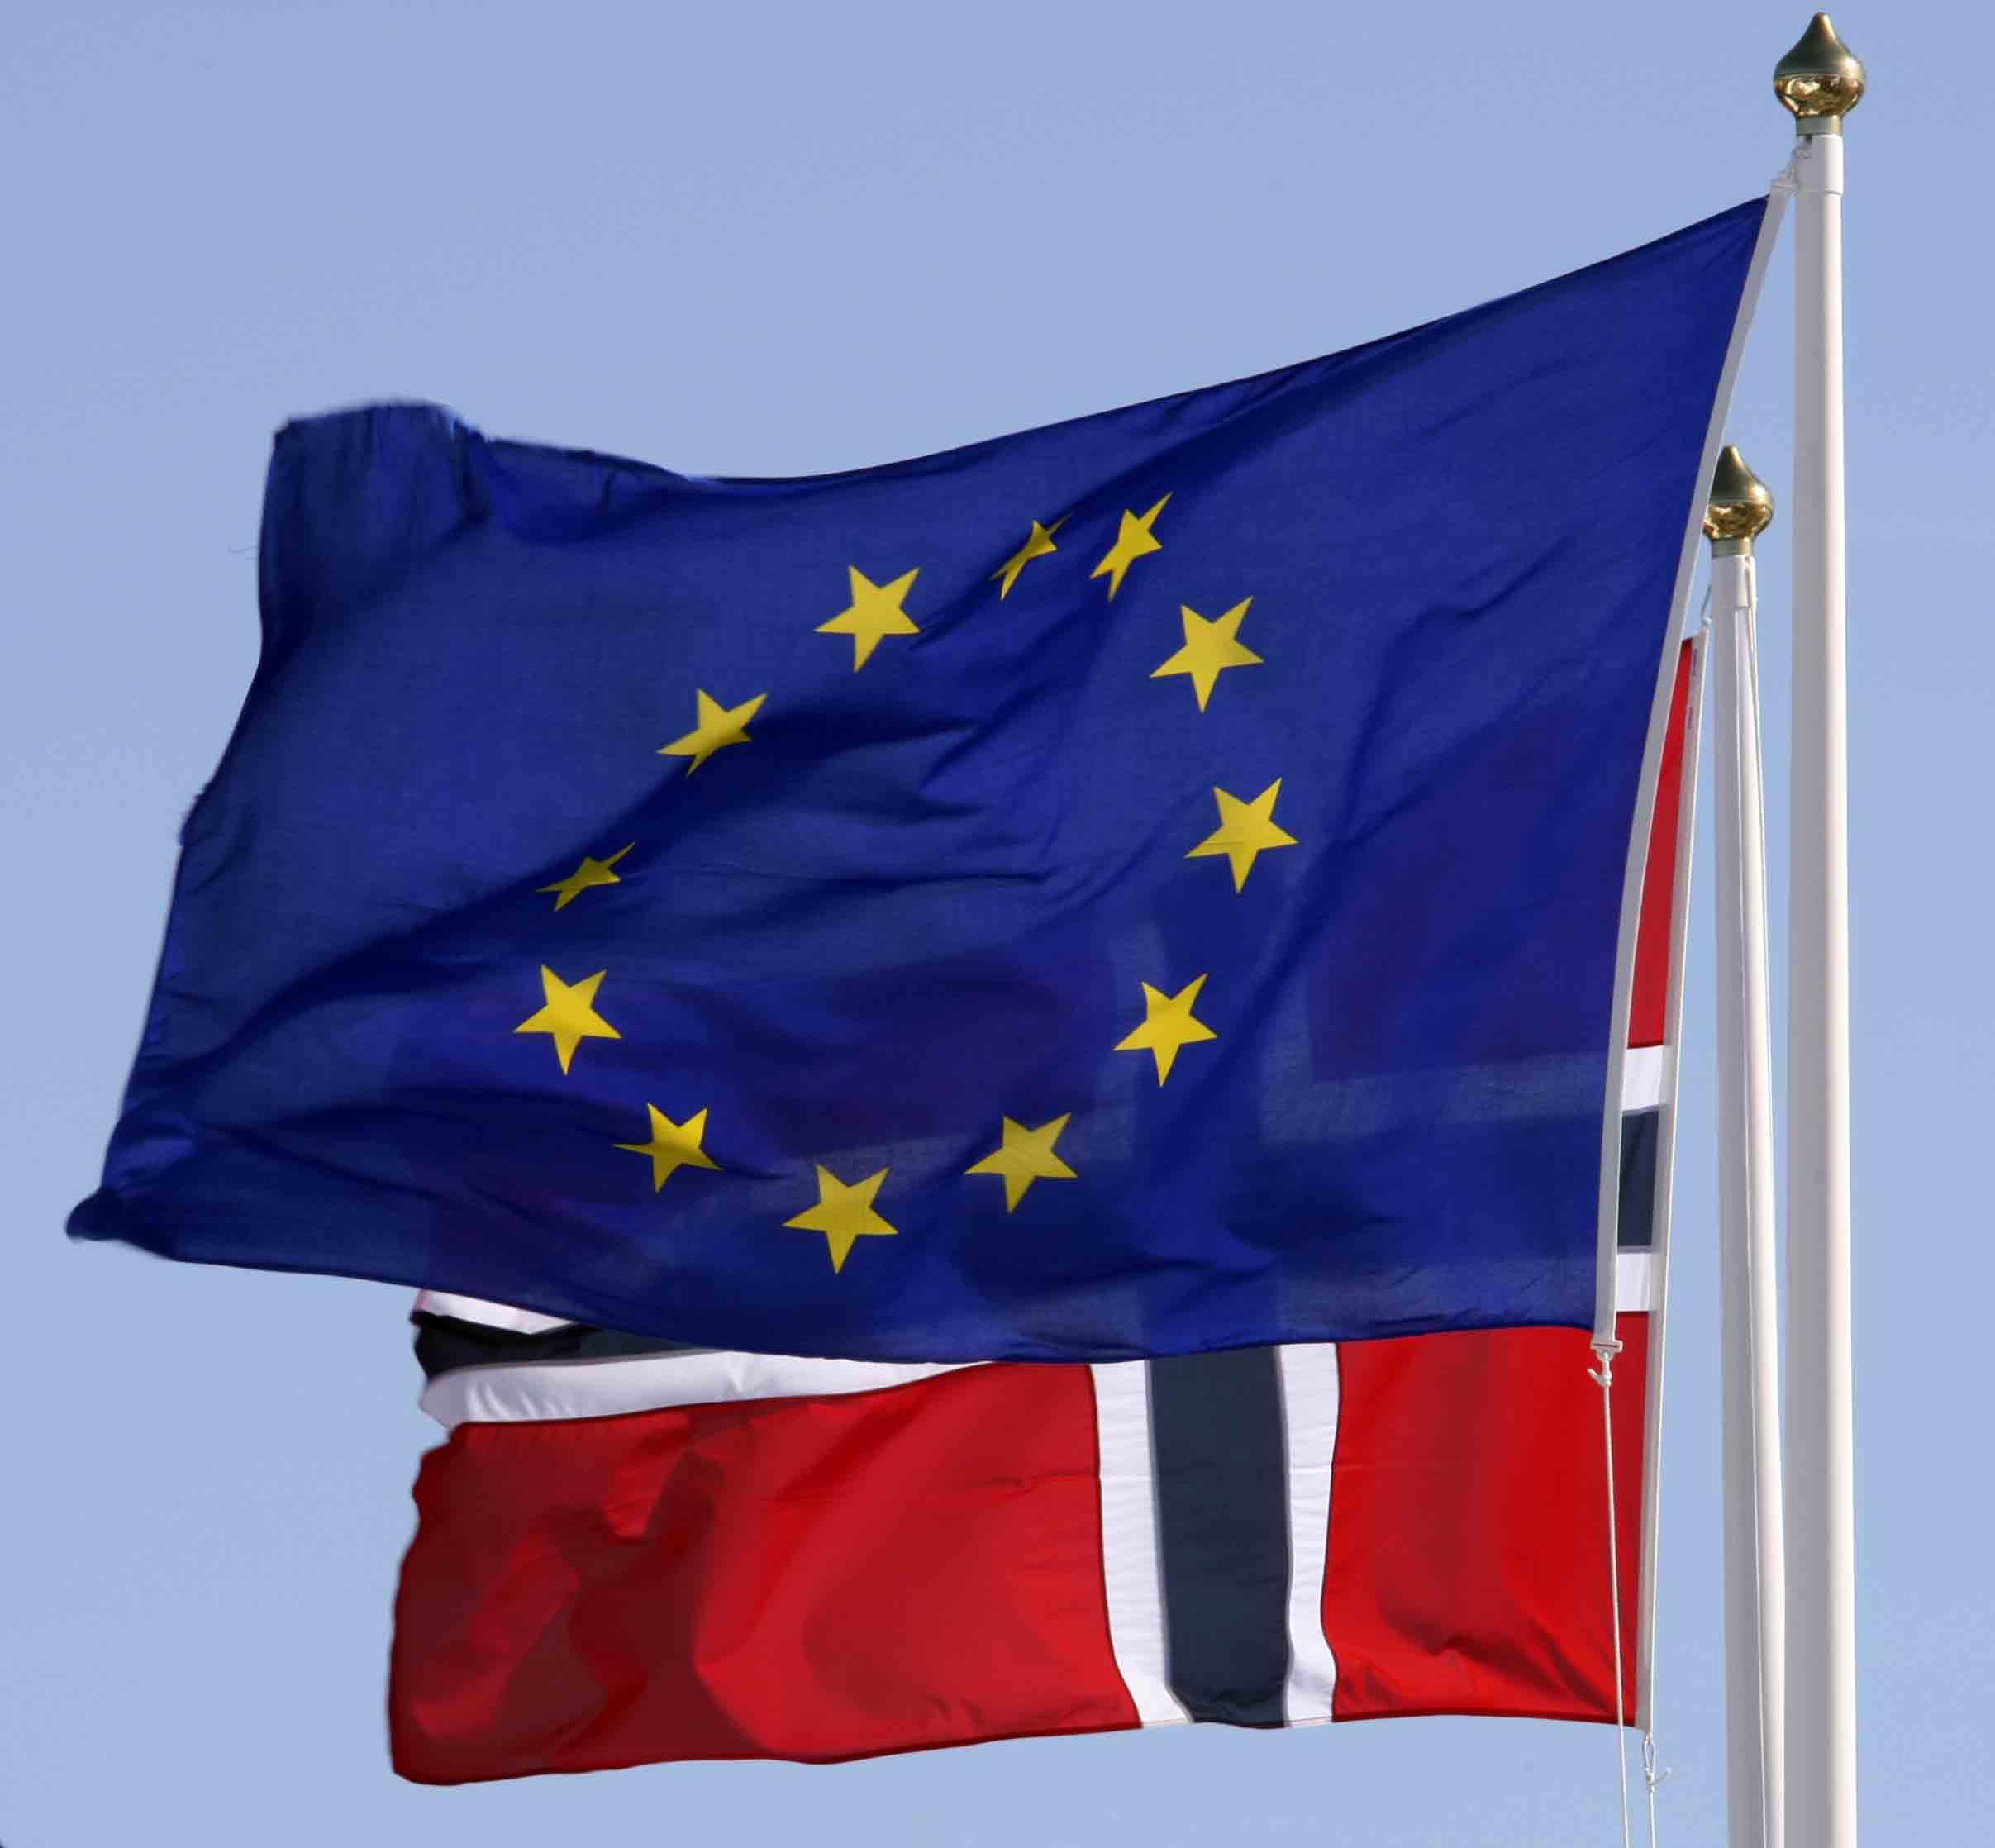 Τώρα και οι Νορβηγοί κατά της ΕΕ!